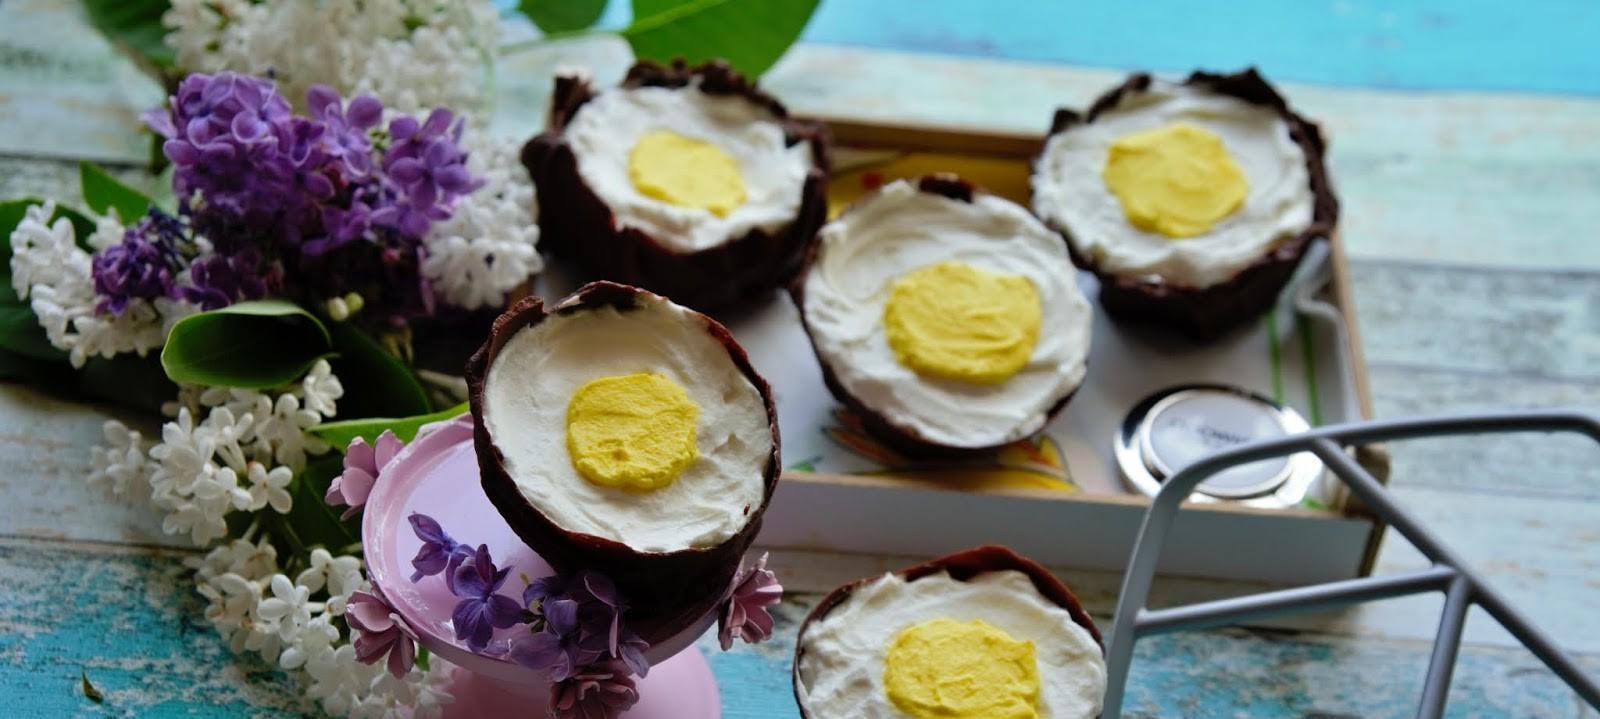 Dessert de Pâques - oeufs en chocolat à la crème